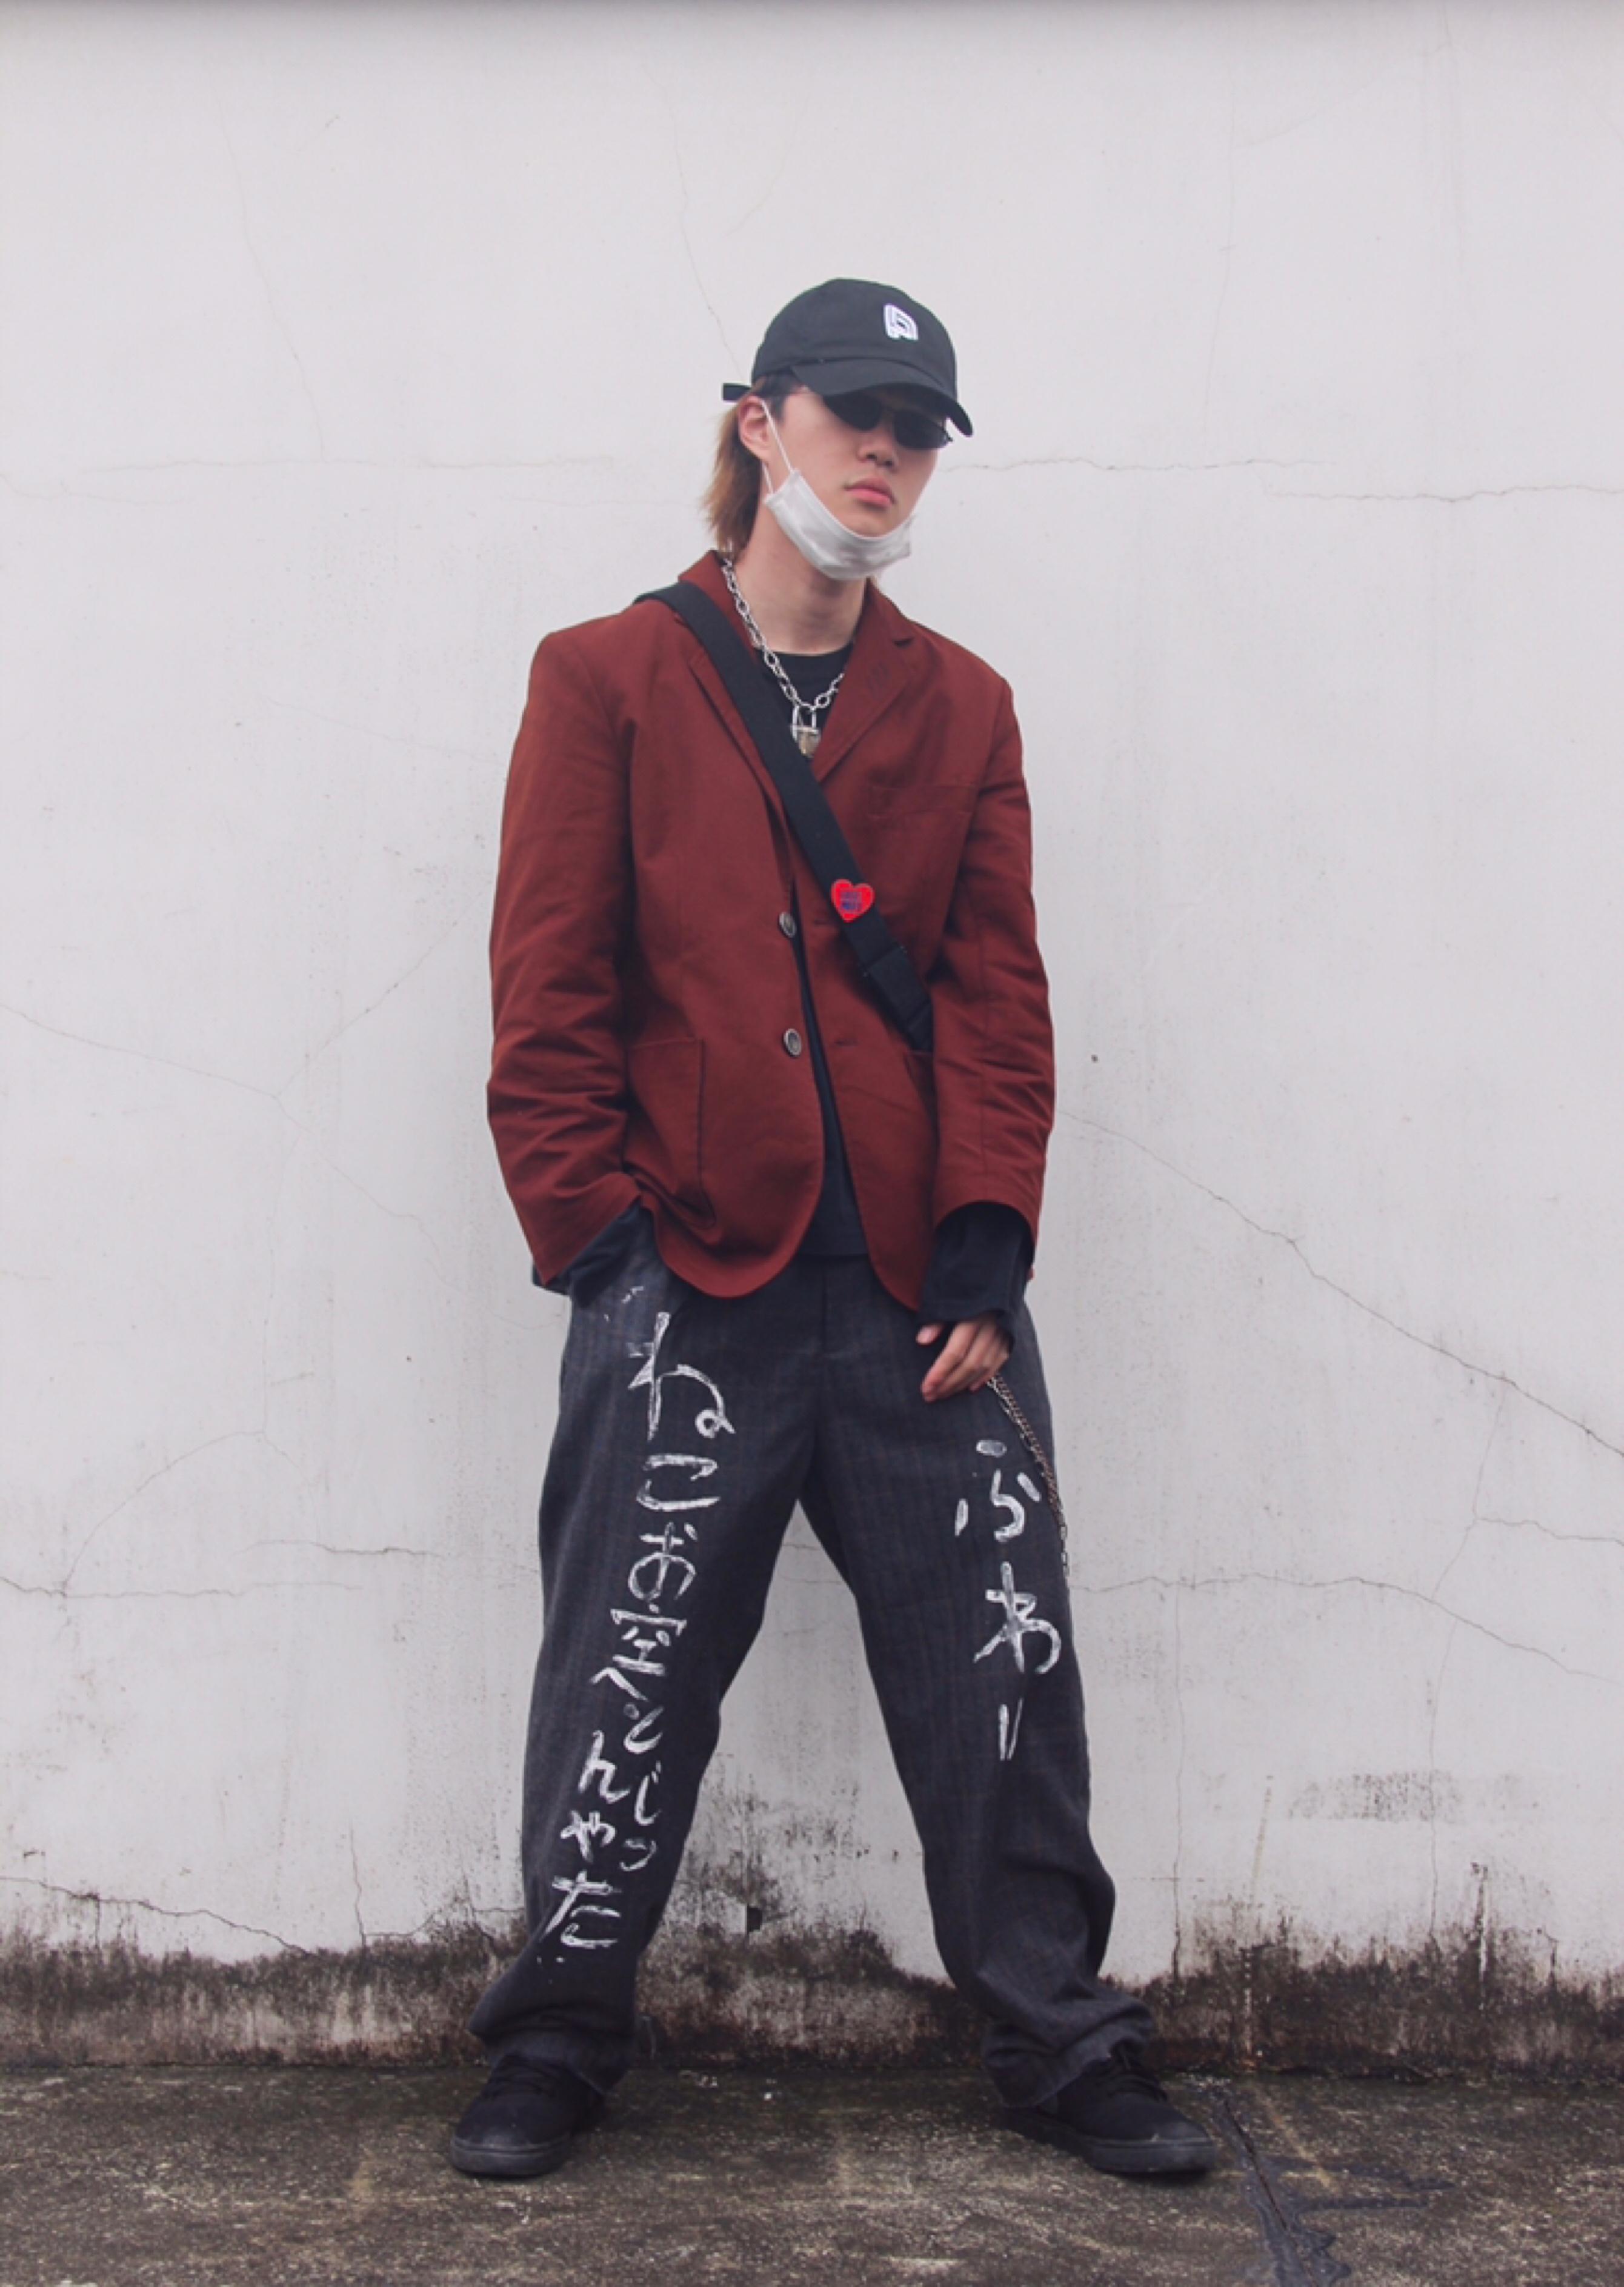 衣服:AnnoMundi创世纪元 这次以红色西装外套作为主体进行搭配,红色西装外套让整体风格更加不一样,颜色也很亮点,一下子和大众风格拉开了。 内搭:hm 黑色打底长袖更好的衬托红色西装外套,也让整体色系更加协调。 裤子:pagan of heroism  裤子选择偏向街头的西装裤,裤子上的日文涂鸦增加了细节,也不亚于红色西装,这样让整体效果更加均衡。 帽子:POINT BRAND 棒球帽让整体的风格更加完善,让正装和街头更好的结合。 灵感:正装和街头的结合,打破常规。#解谜:哪款春季短外套最适合你?#